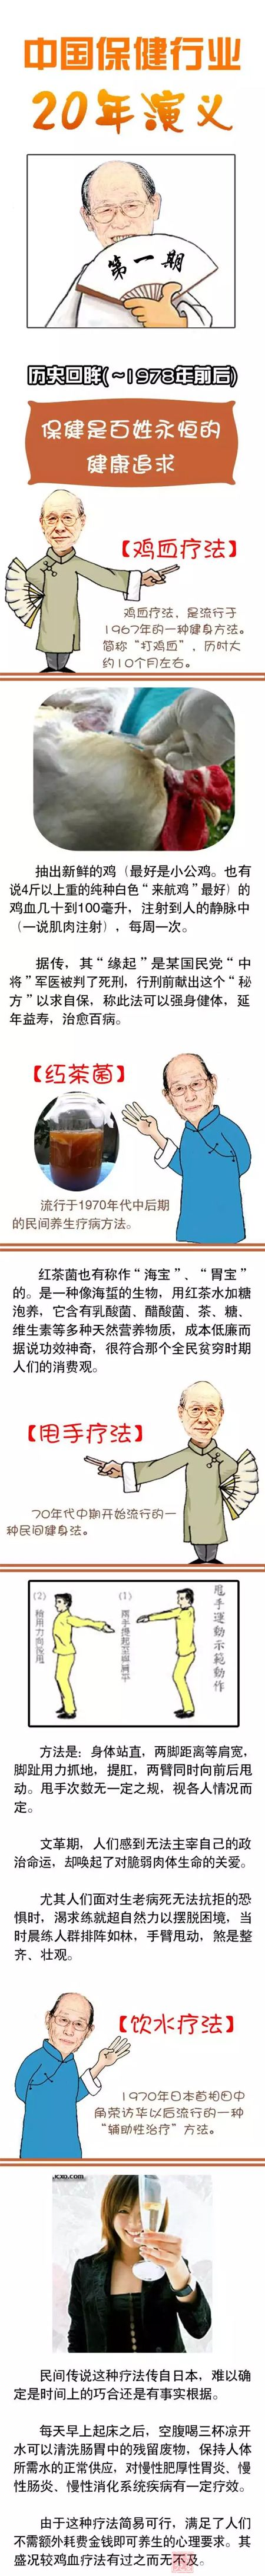 中国保健行业20年演义